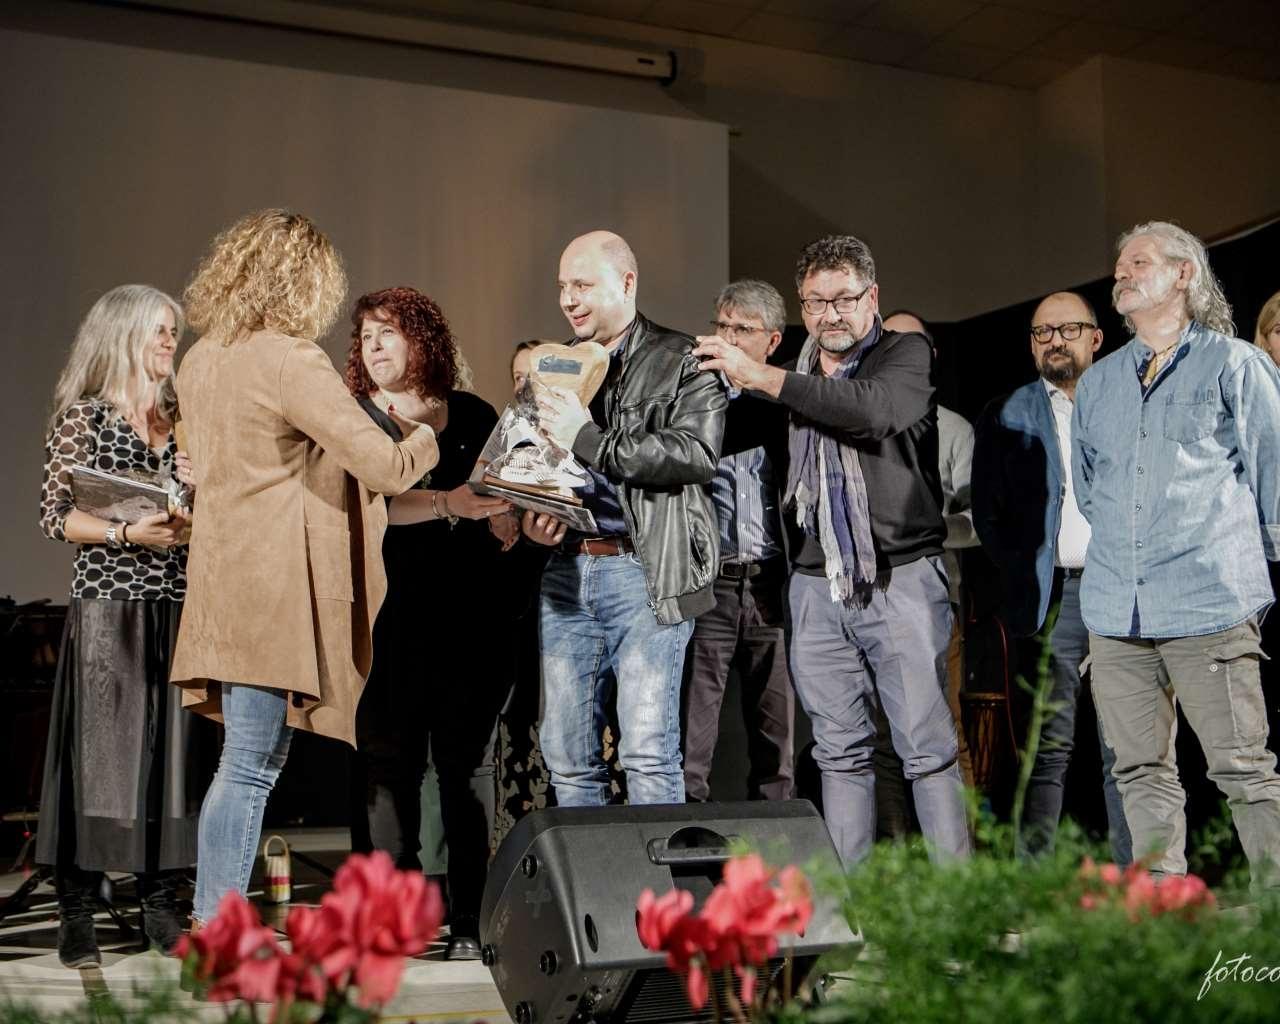 SANREMO-VIDEOCLIP-AWARD_MADRISIO-25OTTOBRE2019_028